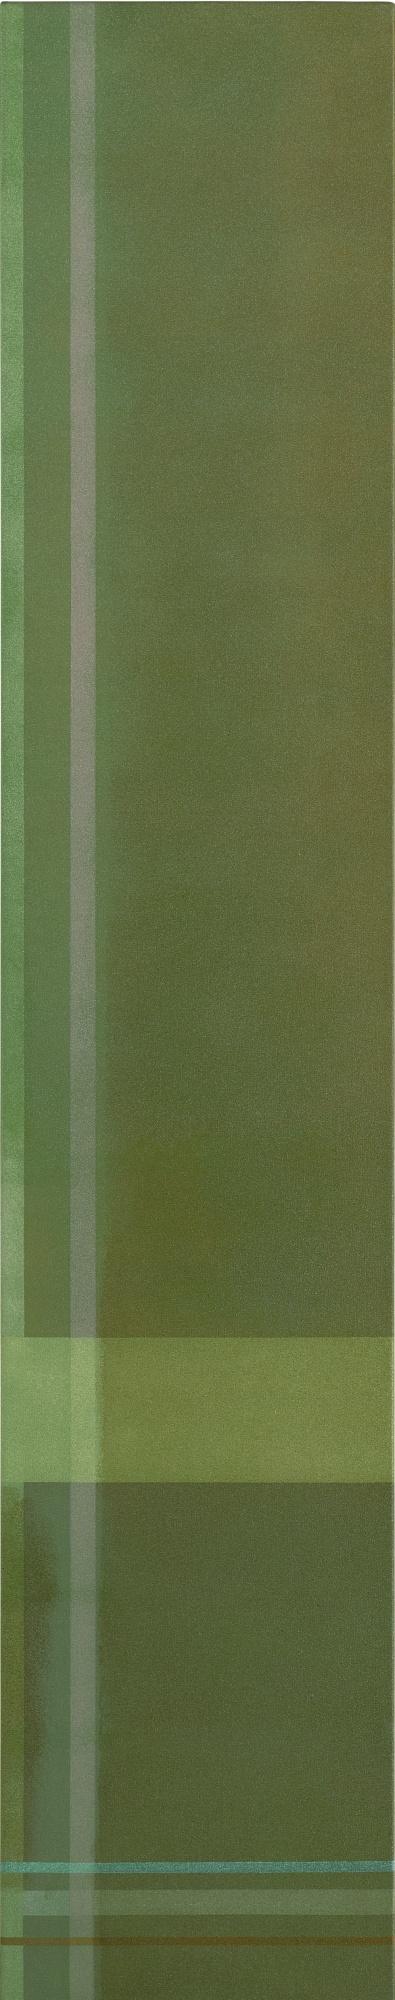 Kenneth Noland-Light Of Devon-1971